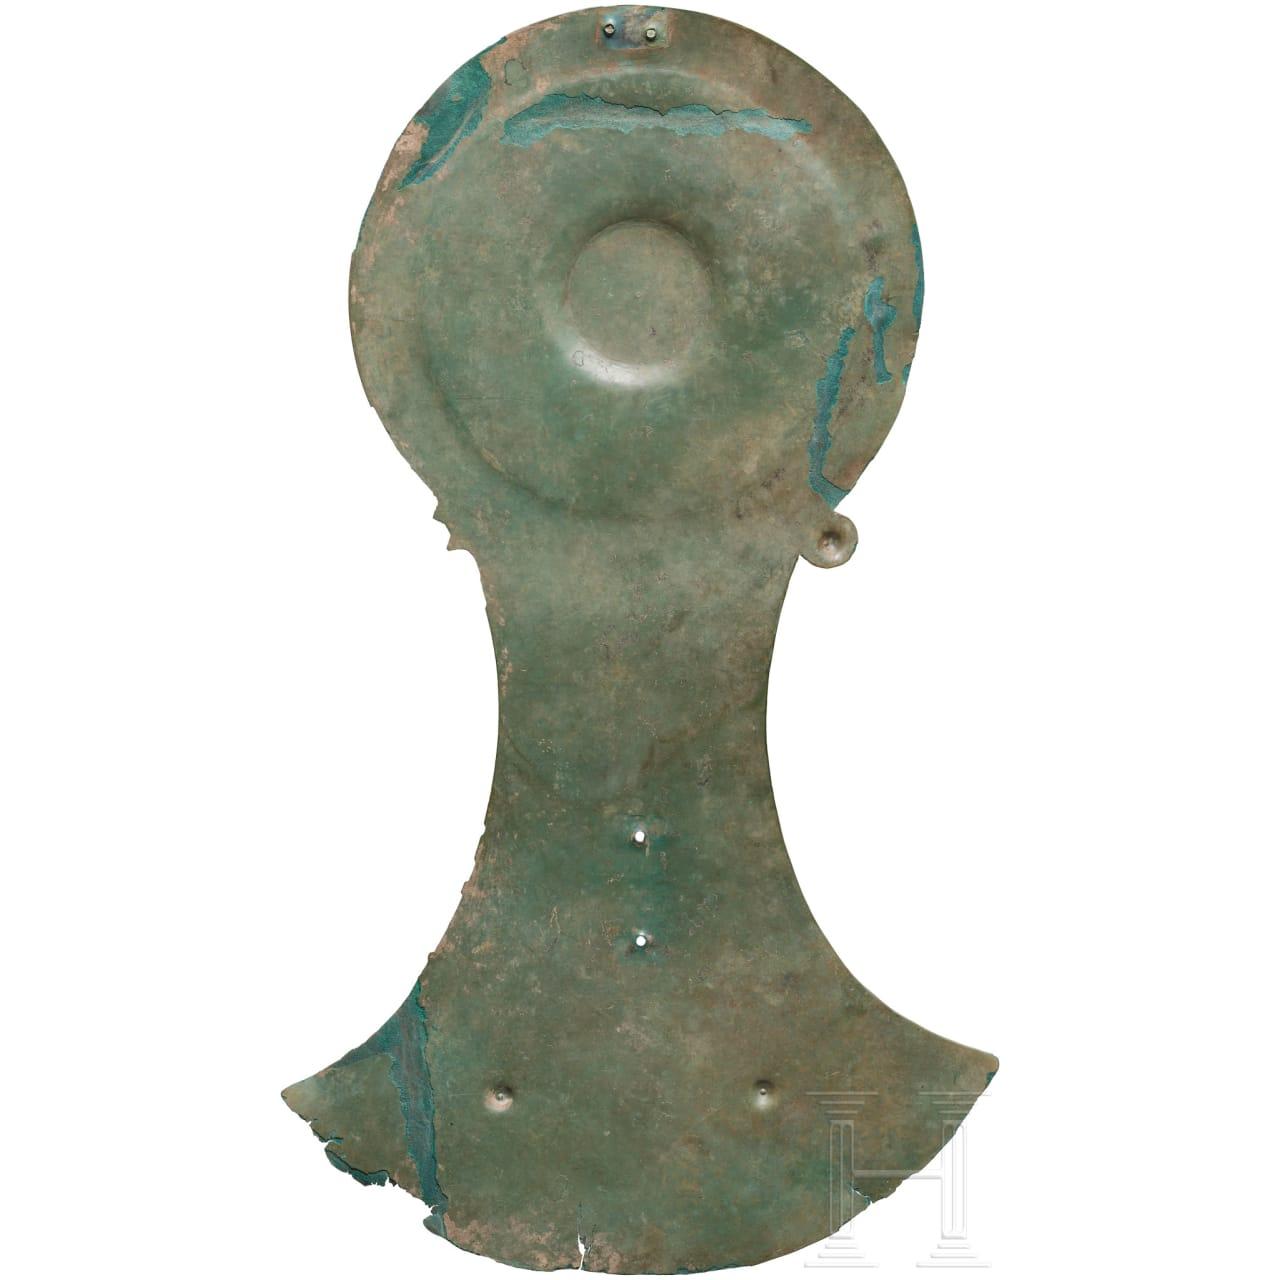 Seltene, bronzene Rossstirn, nördliches Schwarzmeergebiet, 4. Jhdt. v. Chr.